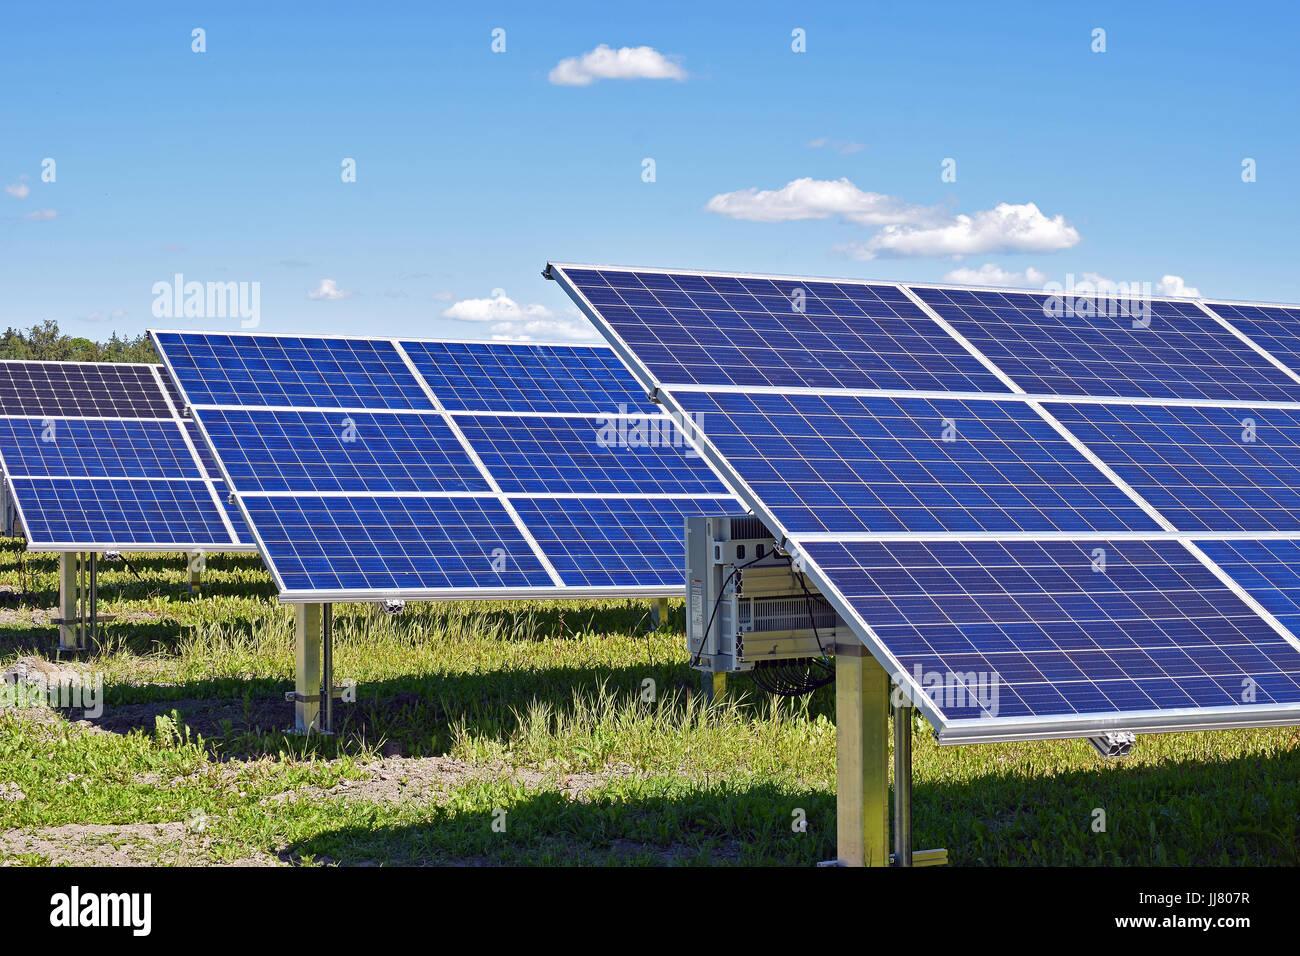 Panneaux solaires sur terrain. Ciel clair avec quelques petits nuages sur l'arrière-plan. Photo Stock